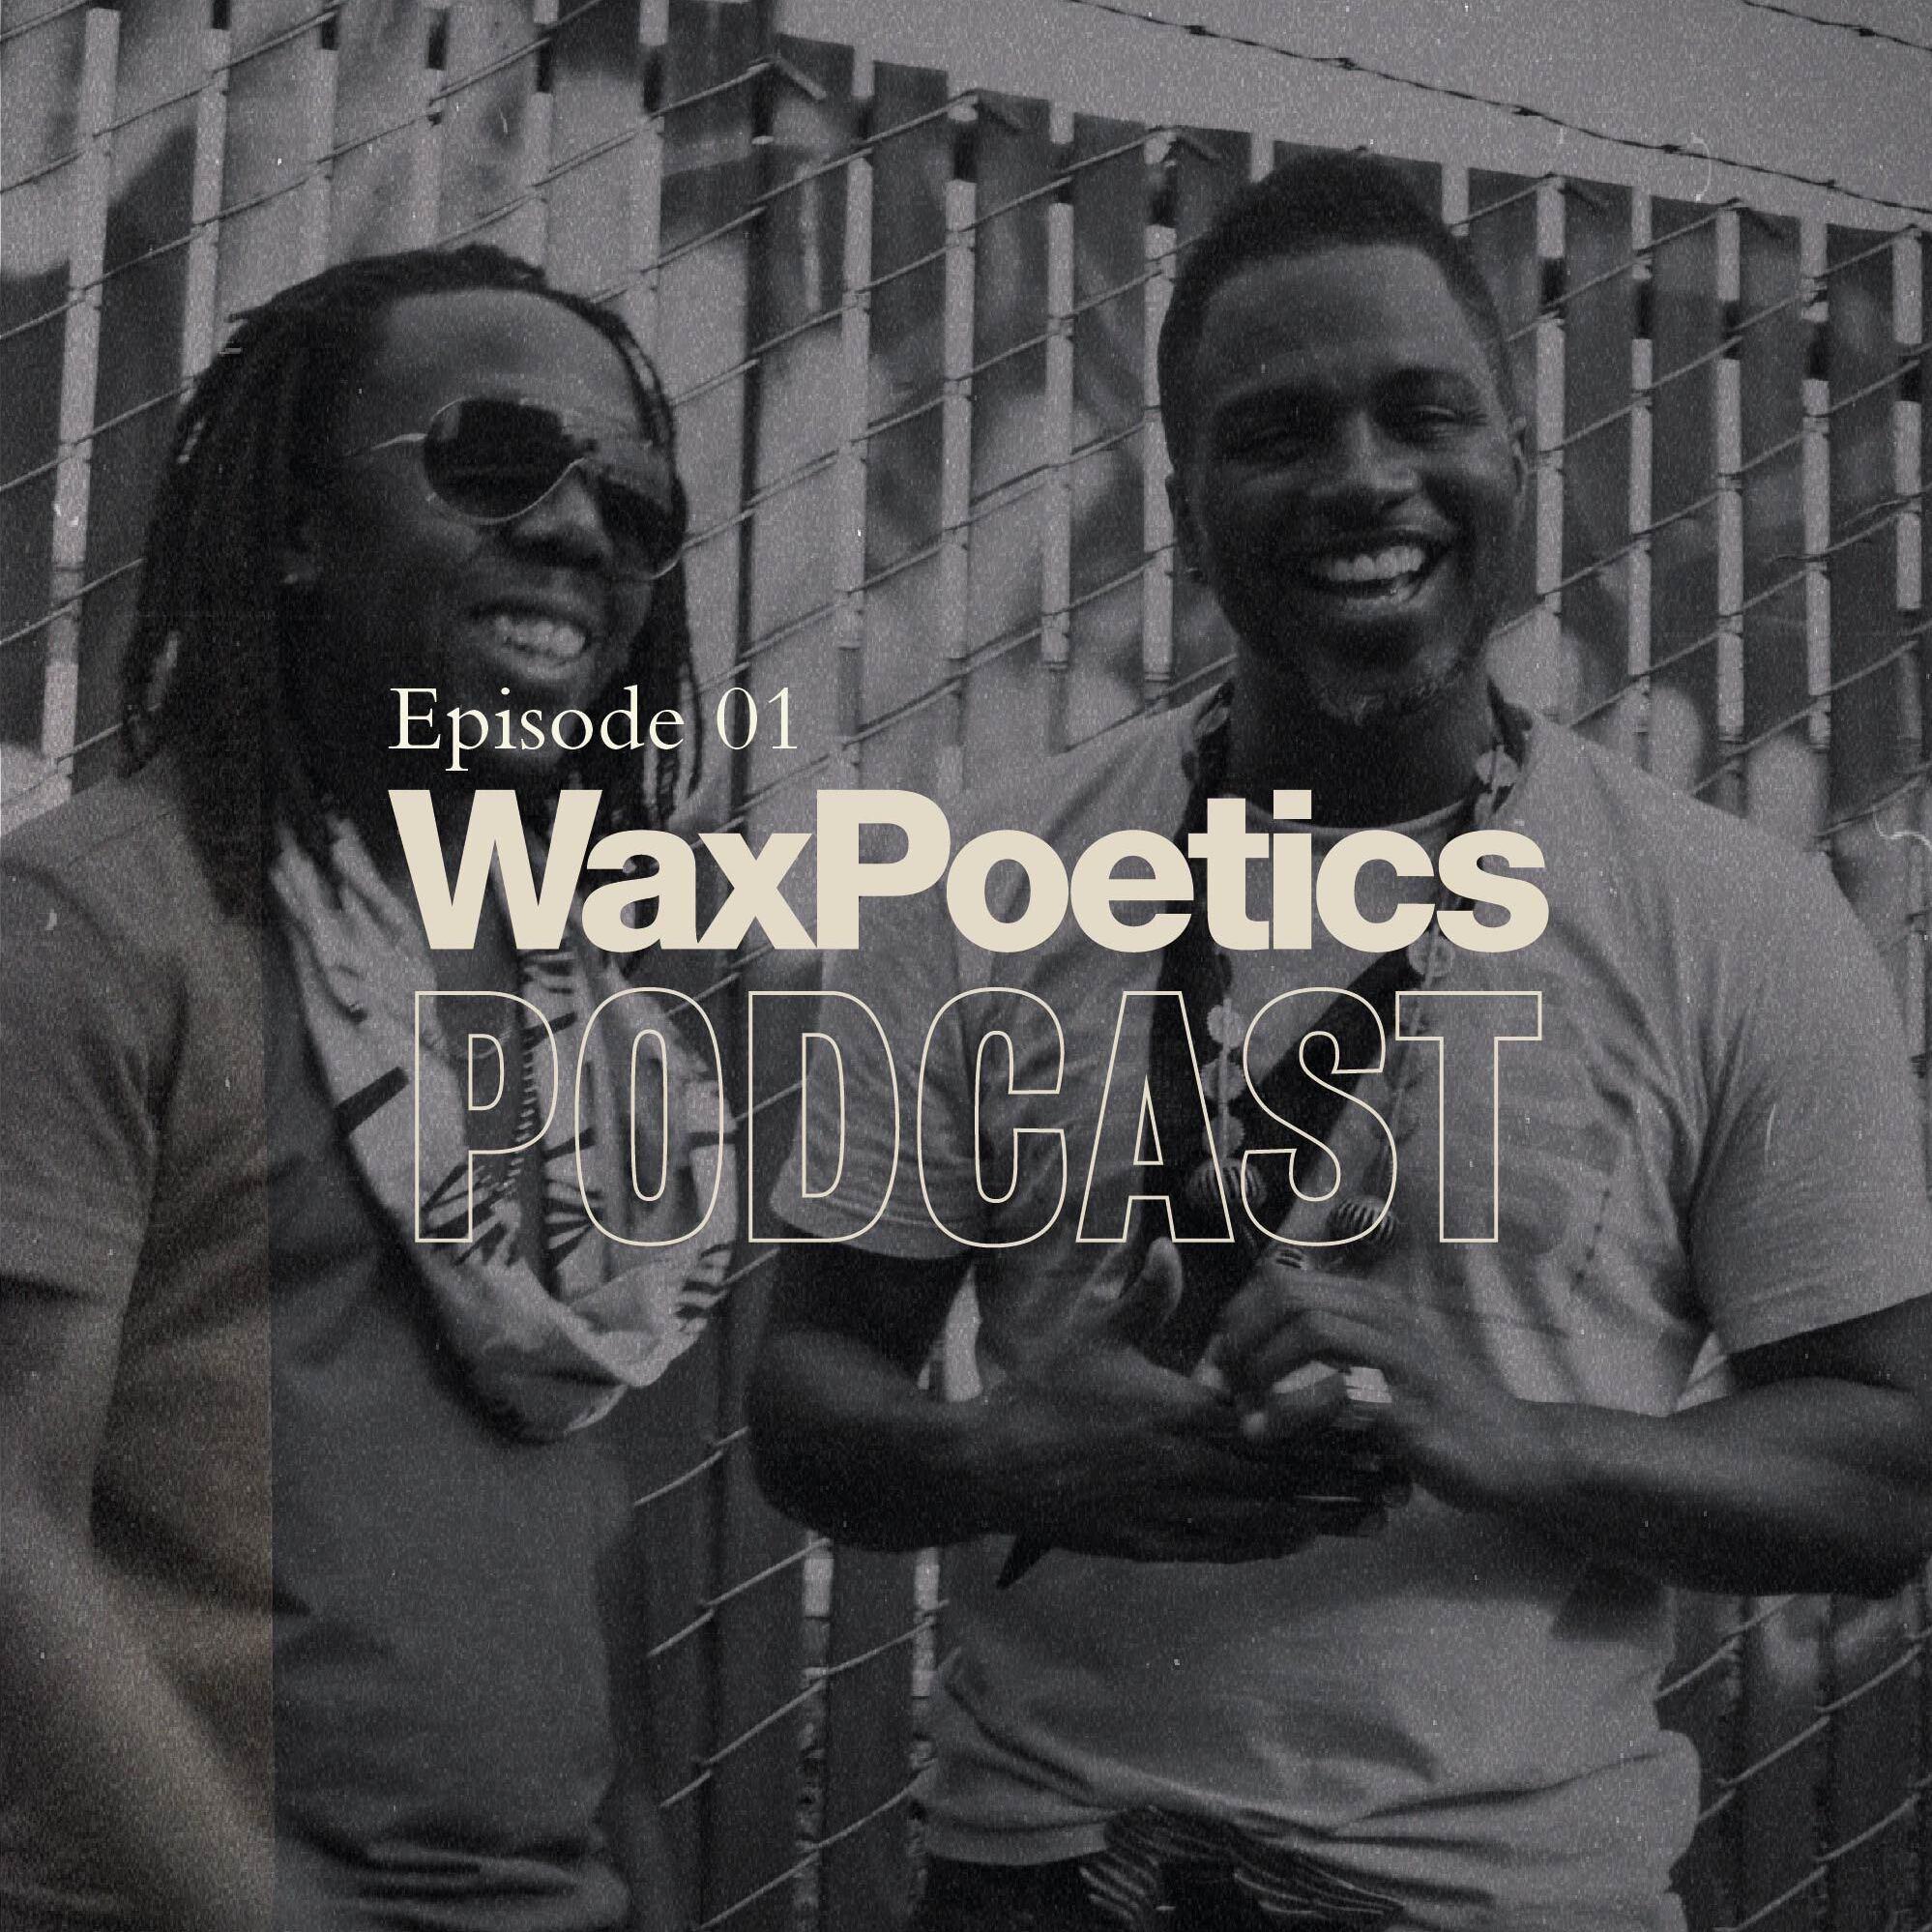 Wax Poetics Podcast: Episode 01